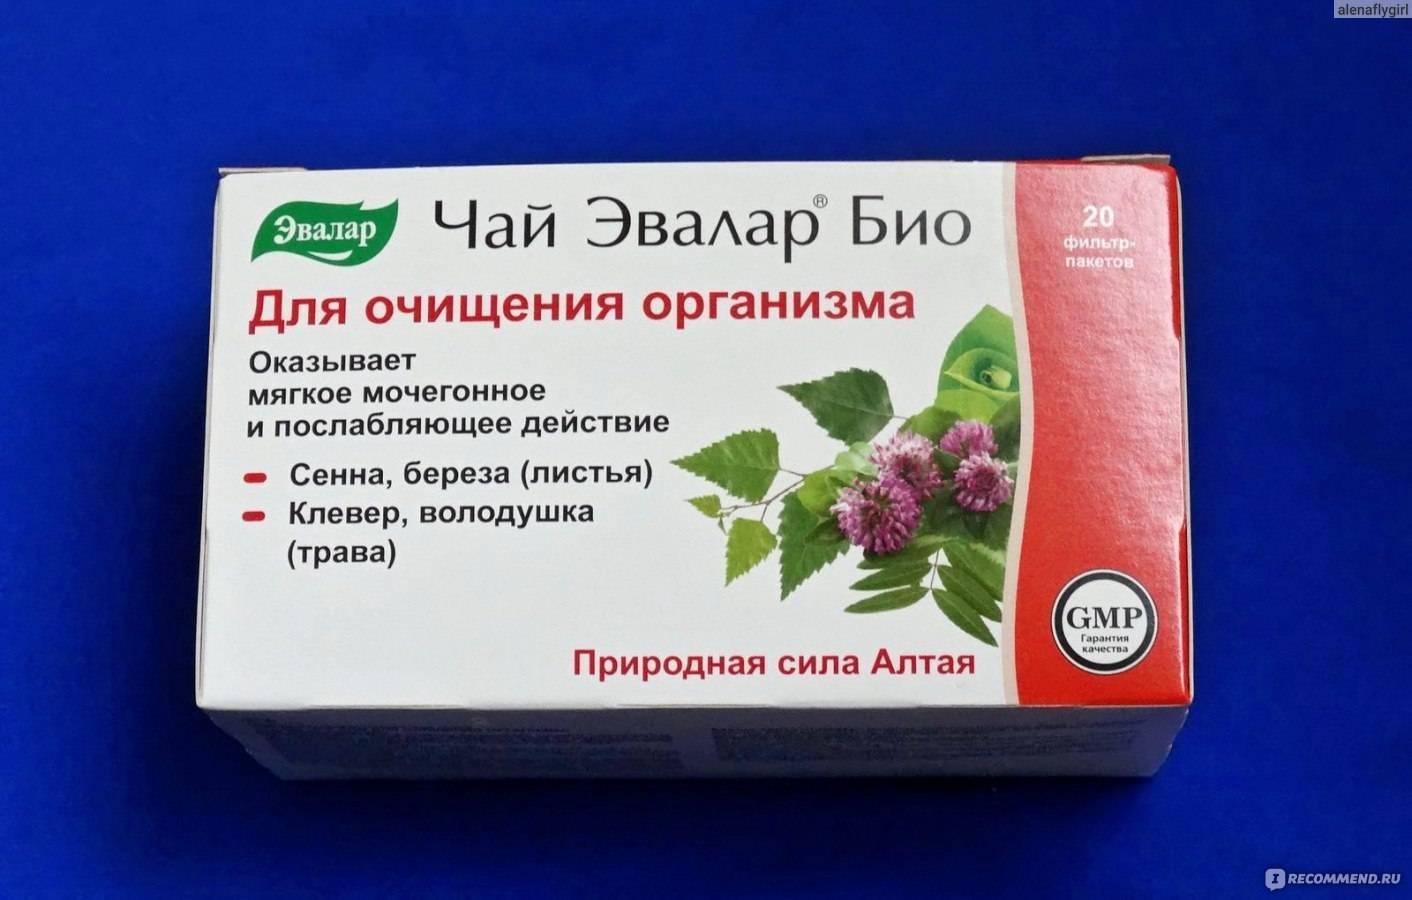 Травы для очищения организма: сборы, рецепты, отвары